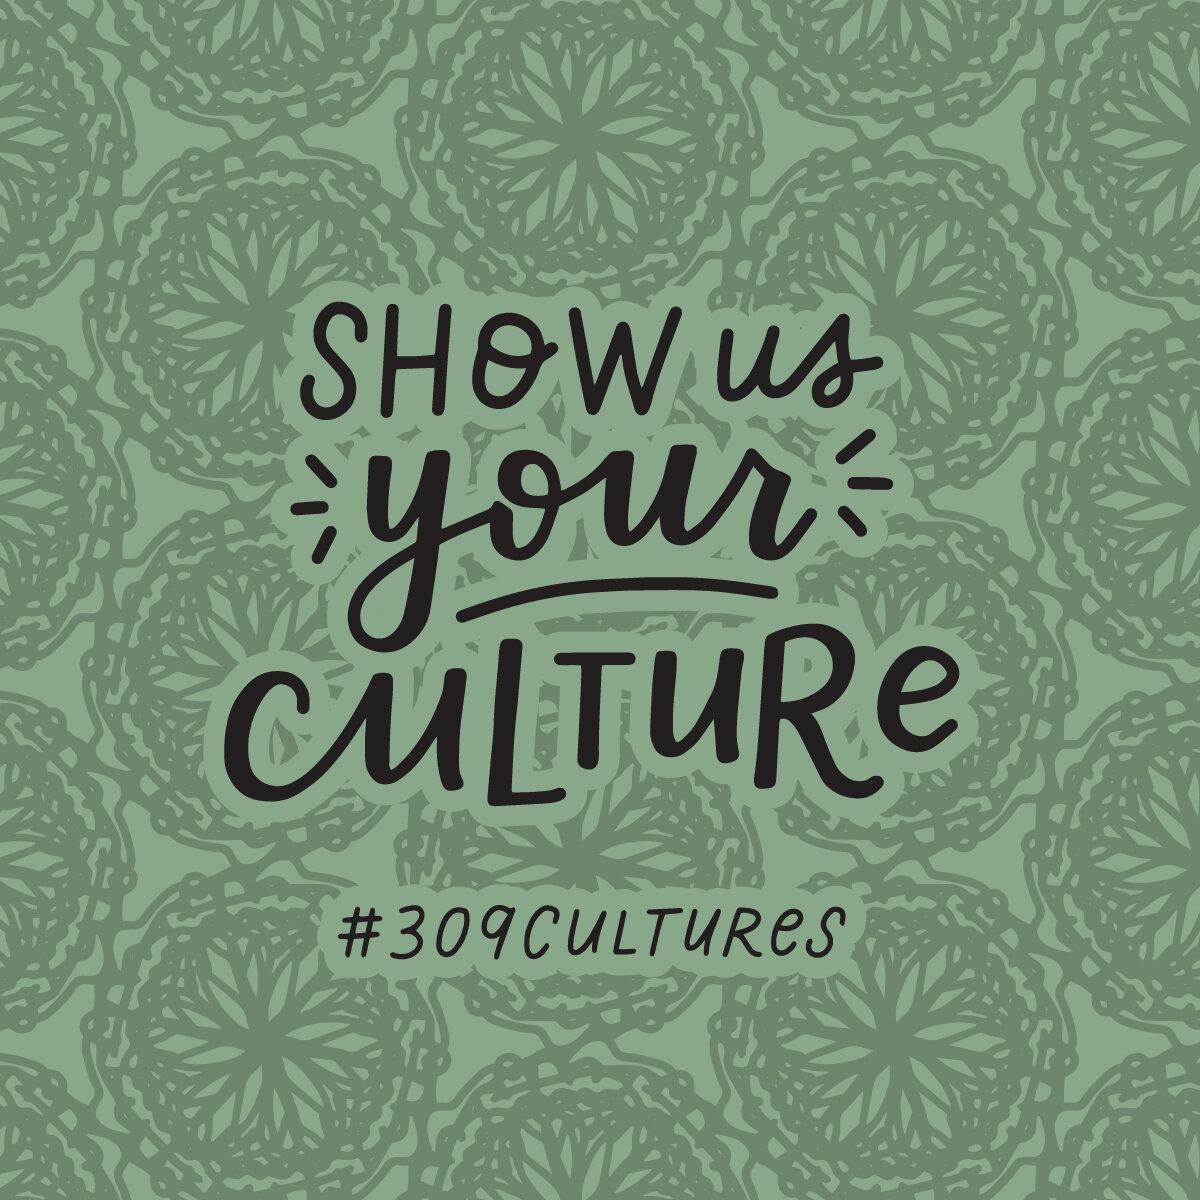 309Cultures-SocialMedia-2.jpg